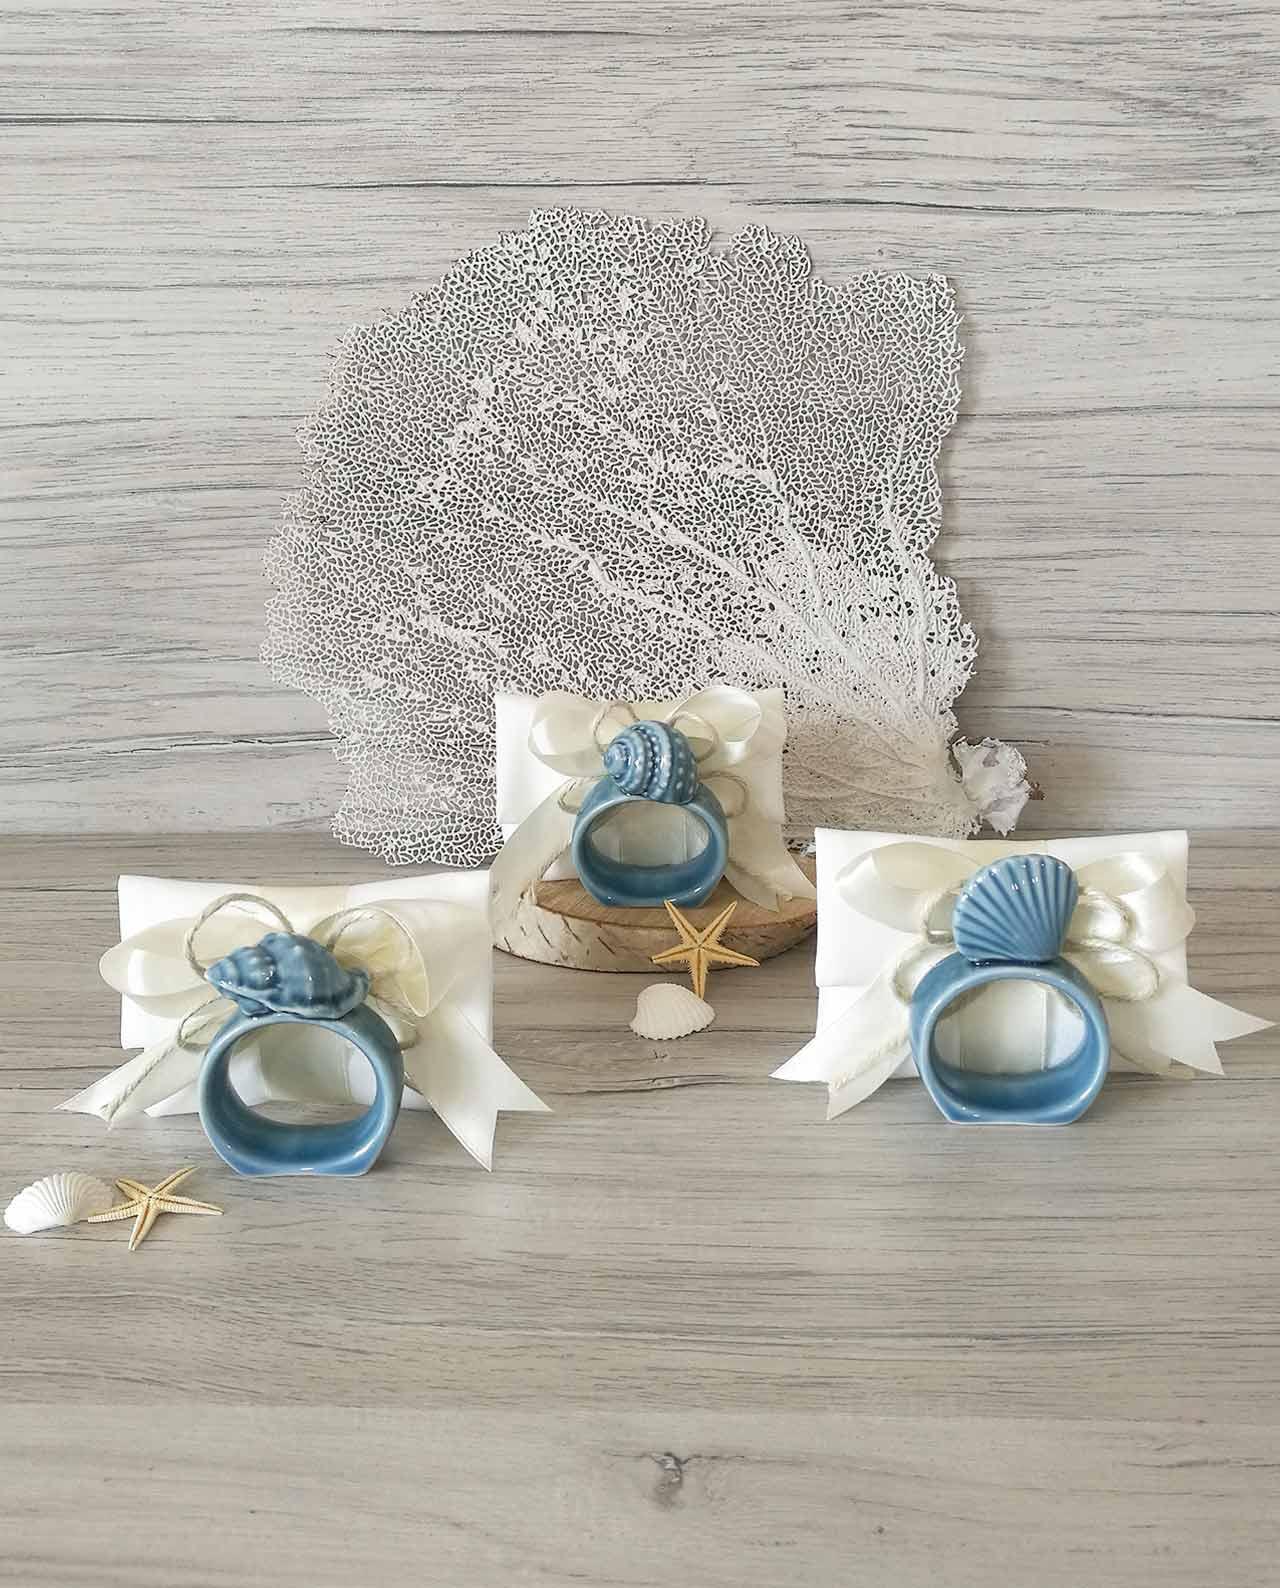 Bomboniera legatovagliolo ceramica blu con conchiglie su sacchettino mobilia store home favours - B b porta di mare ...